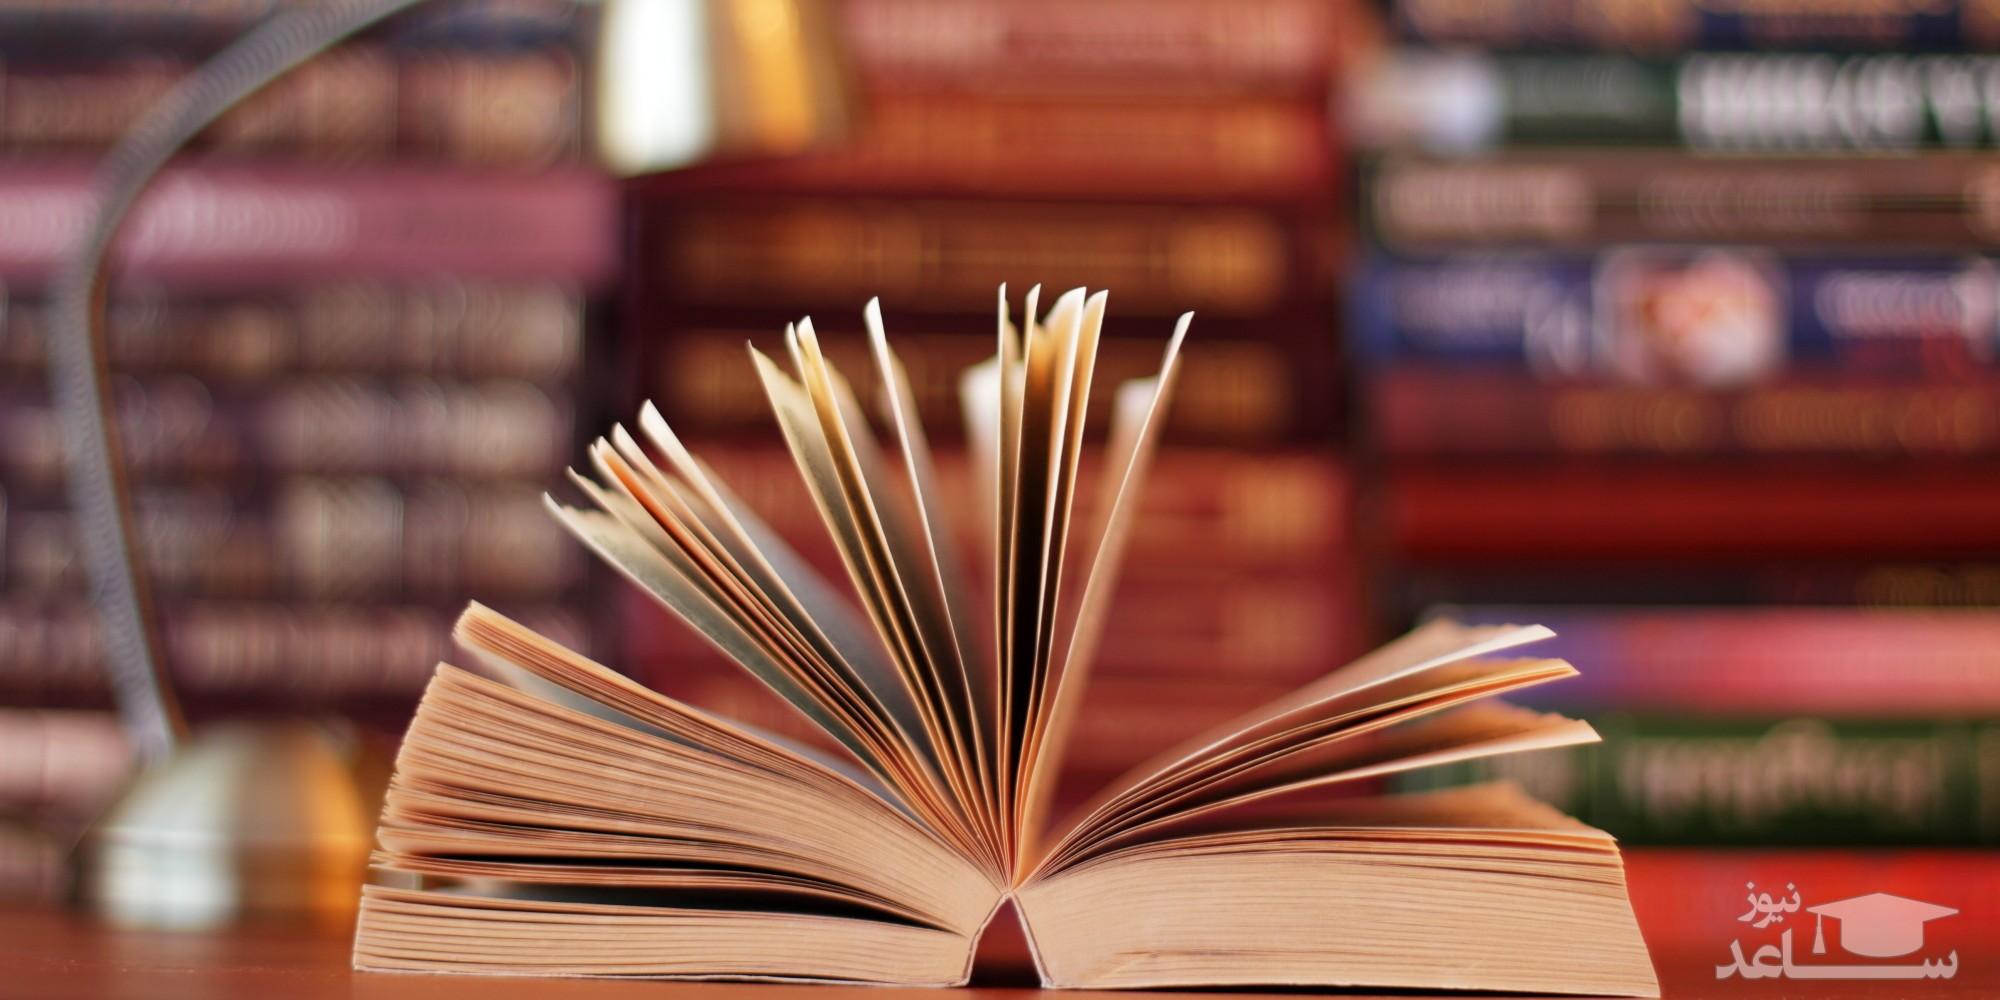 چاپ کتاب با بهترین کیفیت